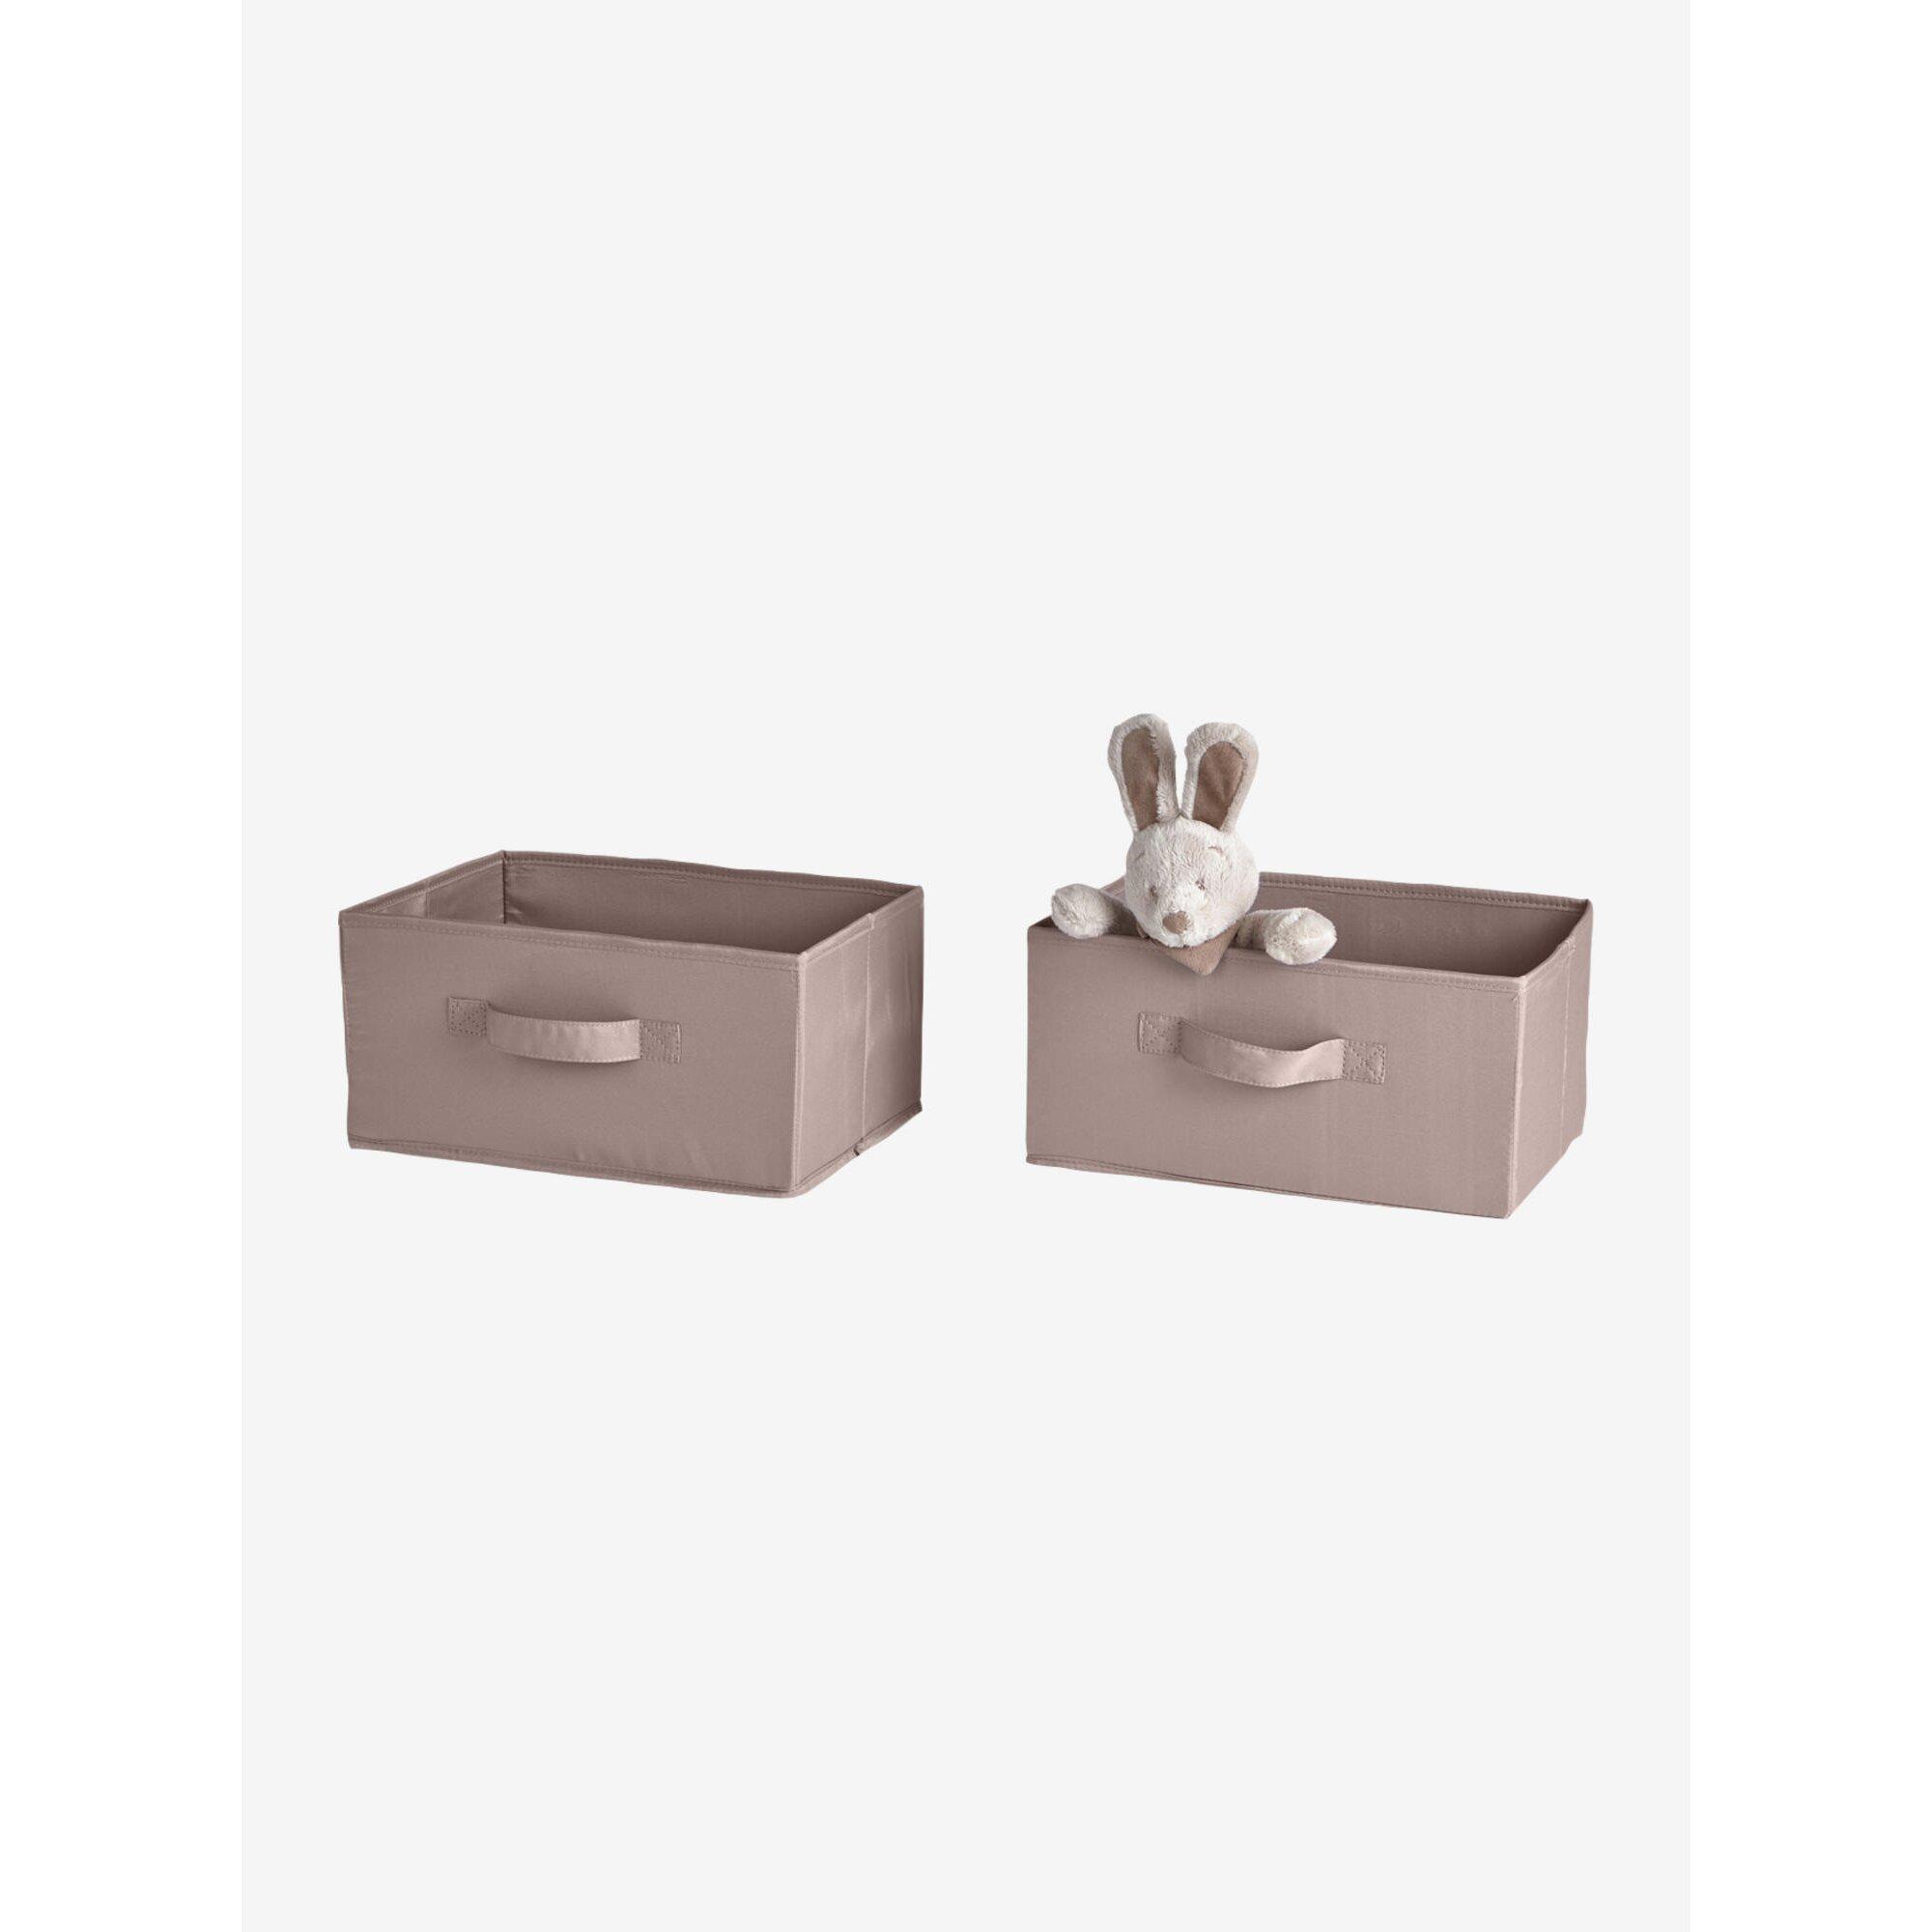 aufbewahrungsbox stoff preis vergleich 2016. Black Bedroom Furniture Sets. Home Design Ideas